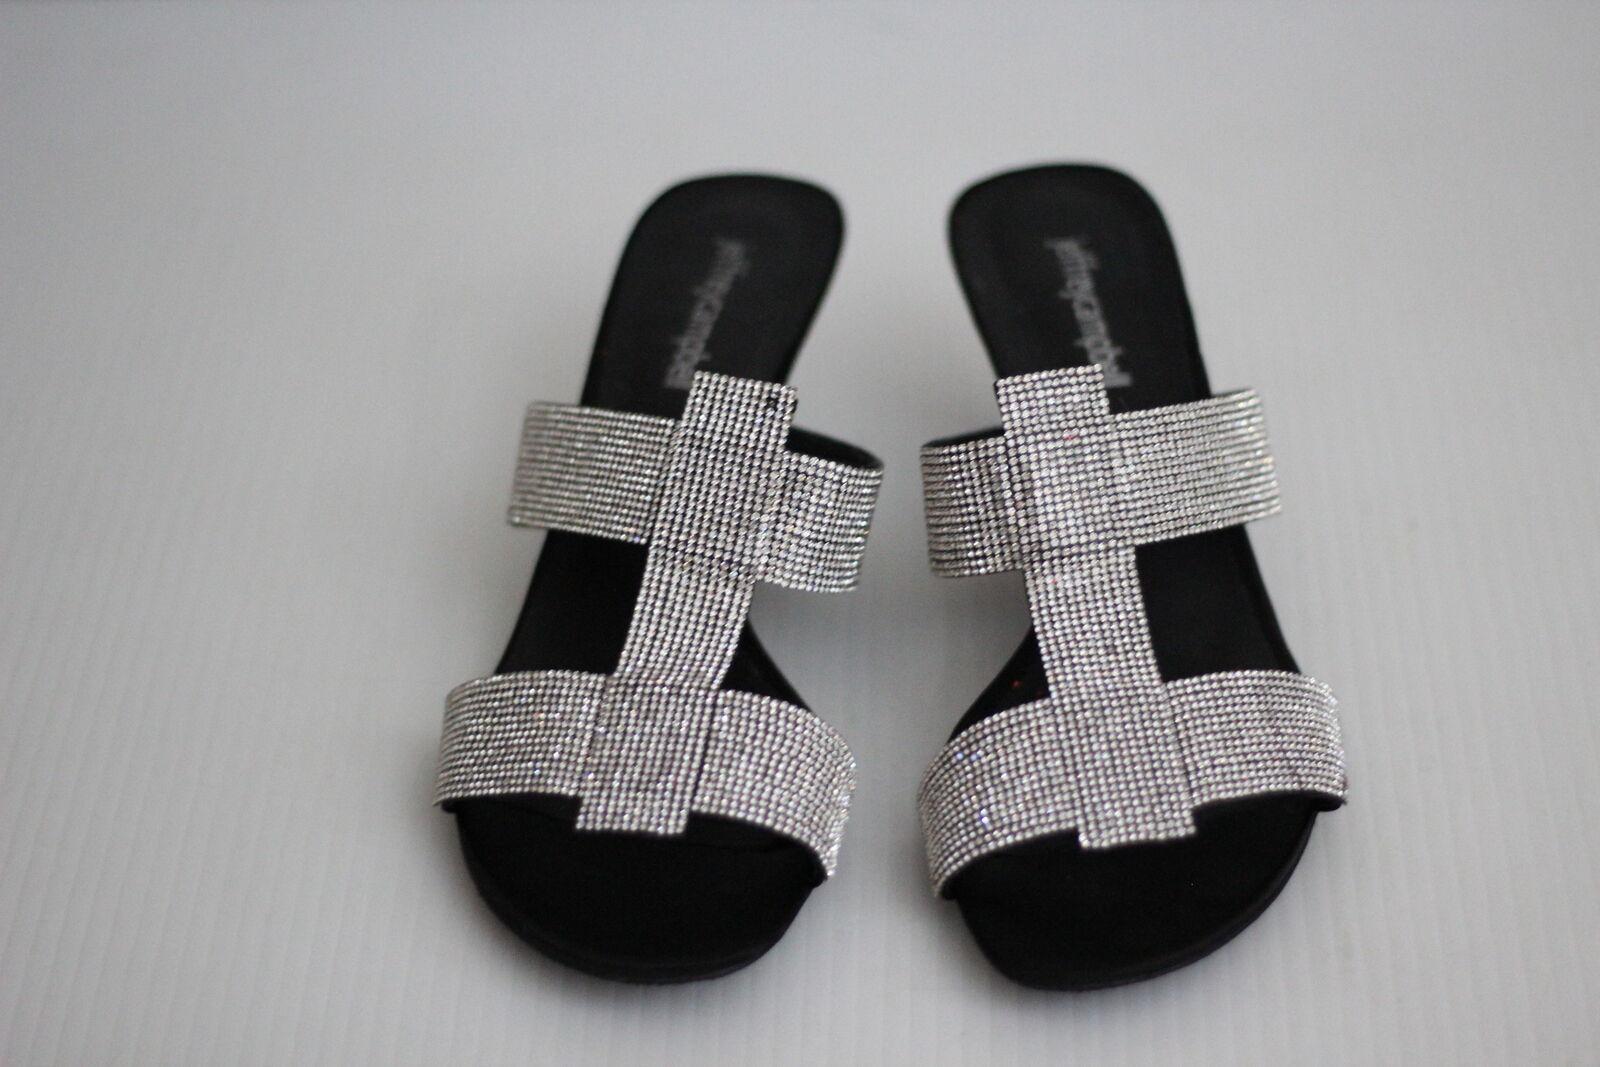 Jeffrey Campbell TARTINE 'adornado 'adornado 'adornado Cristal Estrás Sandalia-Negro - 9 M  ofrecemos varias marcas famosas